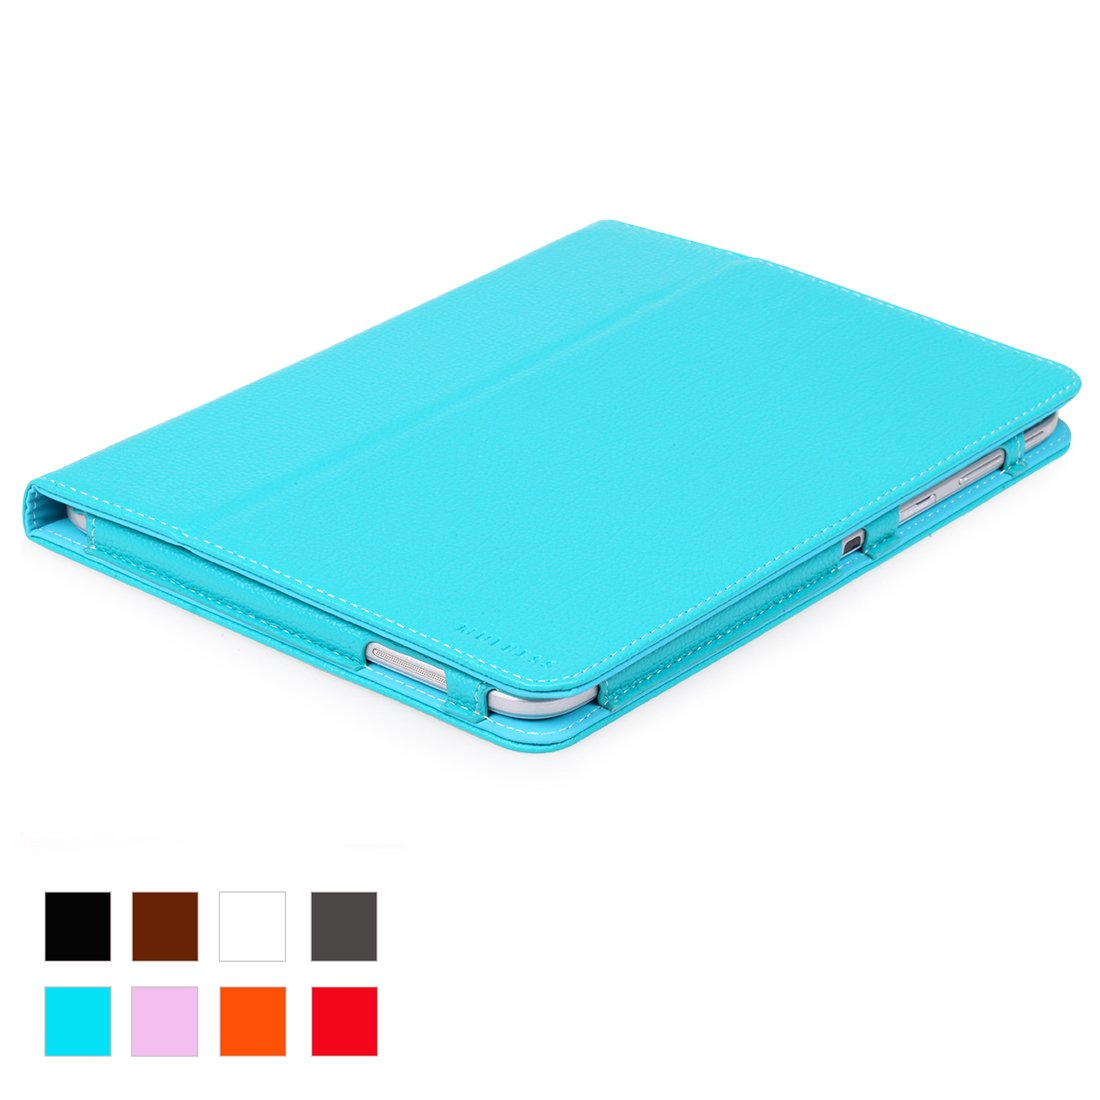 Mulbess® Samsung Galaxy Tab 3 10.1 Funda de cuero Piel Genuina con soporte + Premium Stylus pen para Samsung Galaxy Tab 3 10.1 Color Azul-Verde  Electrónica Revisión del cliente y la descripción más